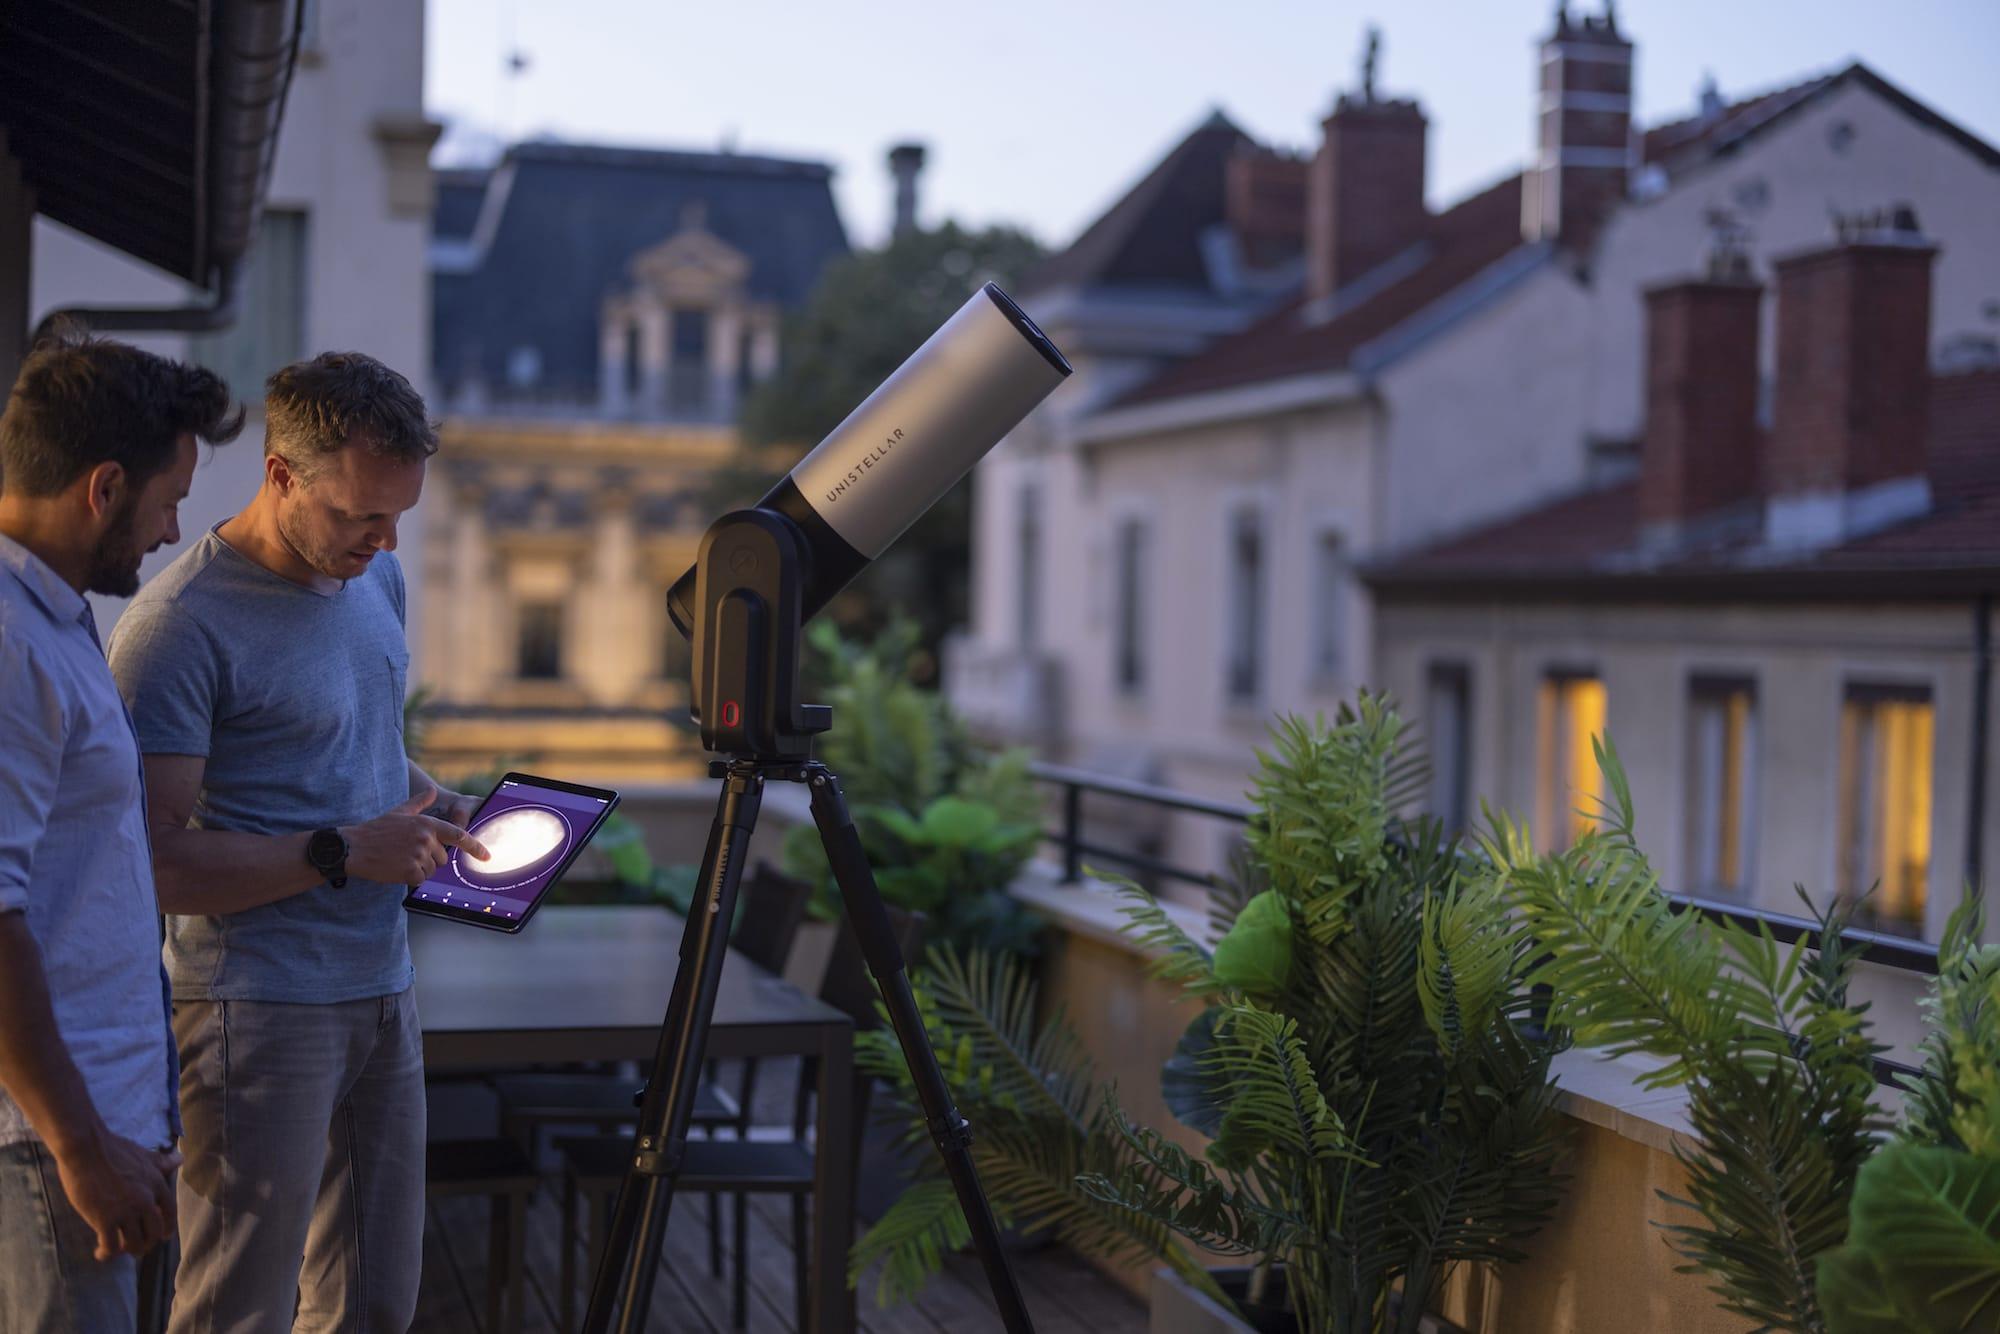 見たい天体を自動追従するスマート望遠鏡「eVscope eQuinox」